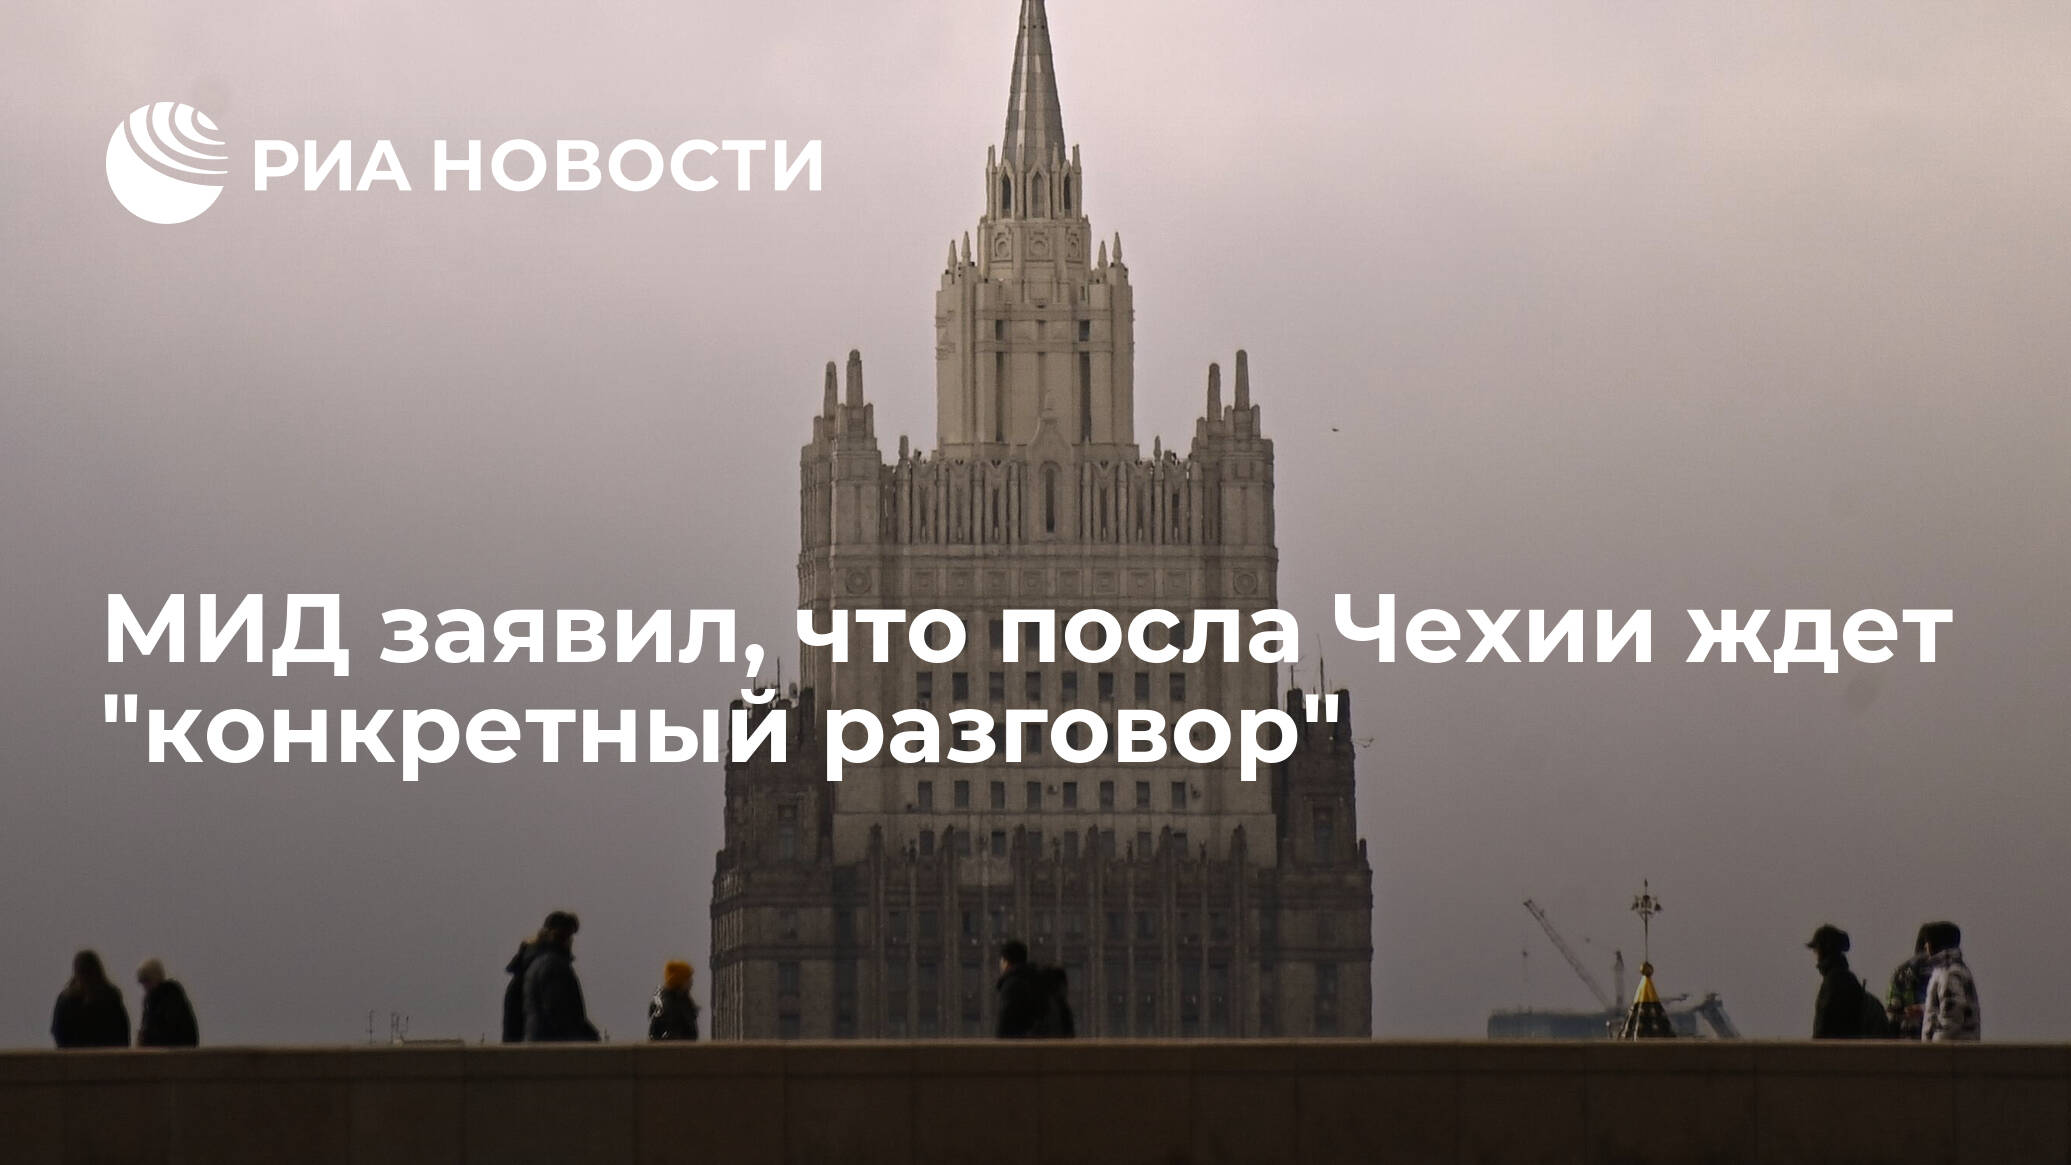 МИД заявил, что посол Чехии ждет «конкретный разговор»